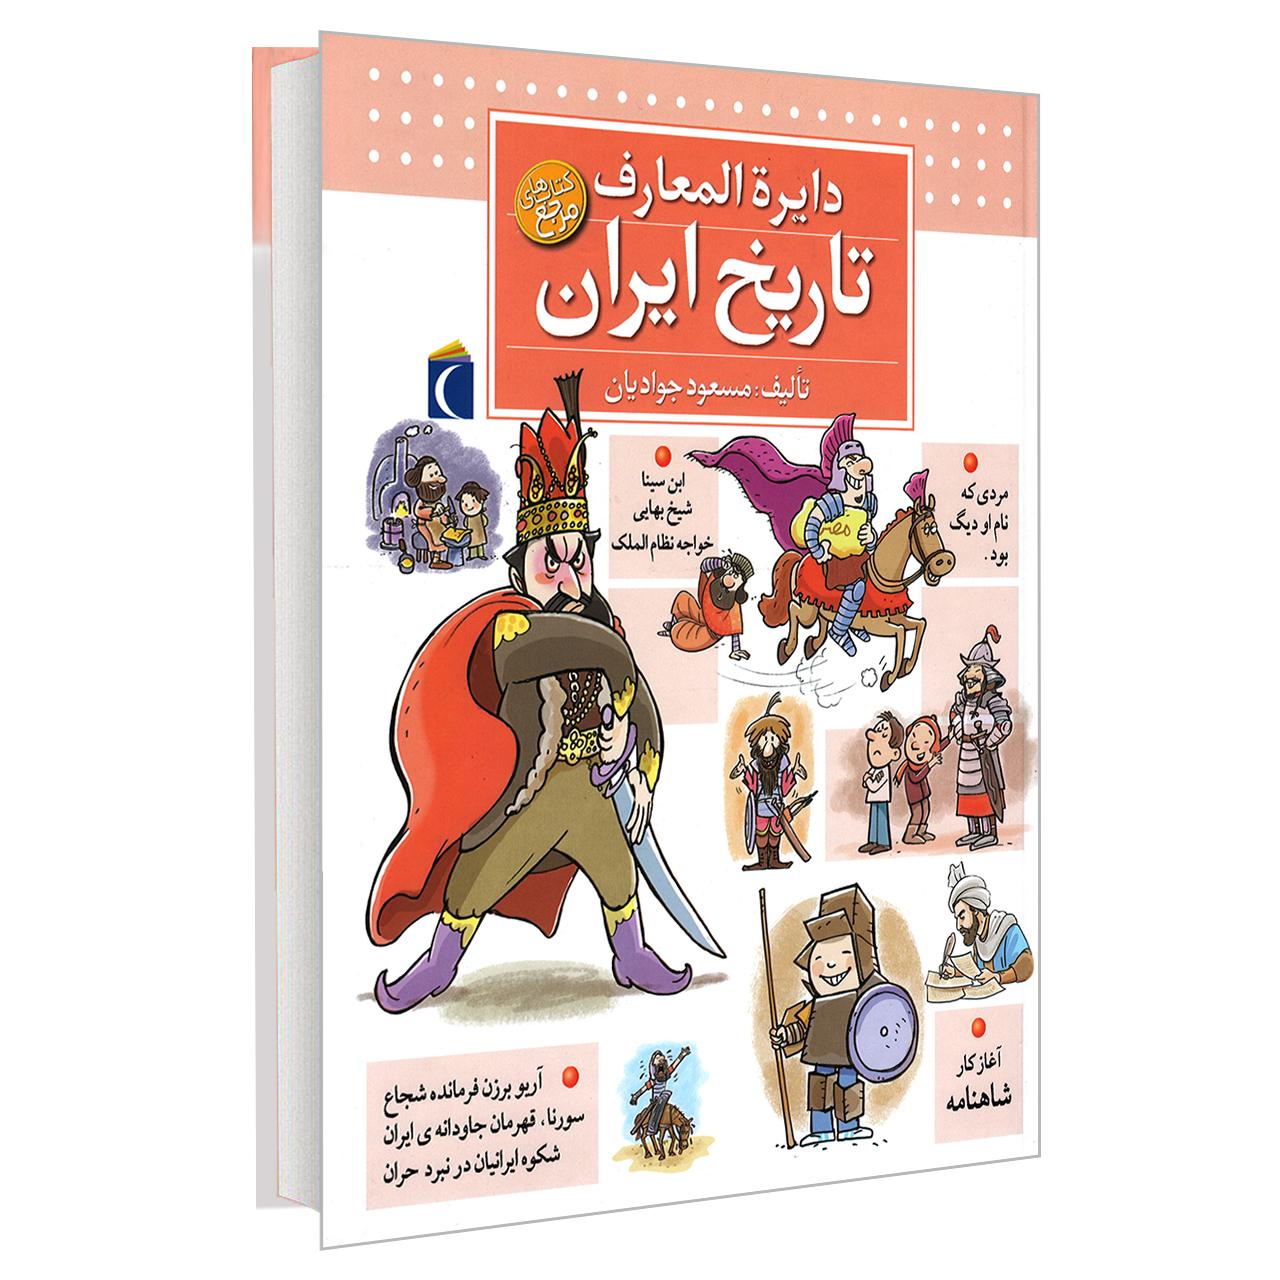 کتاب دایره المعارف تاریخ ایران اثر مسعود جوادیان نشر محراب قلم